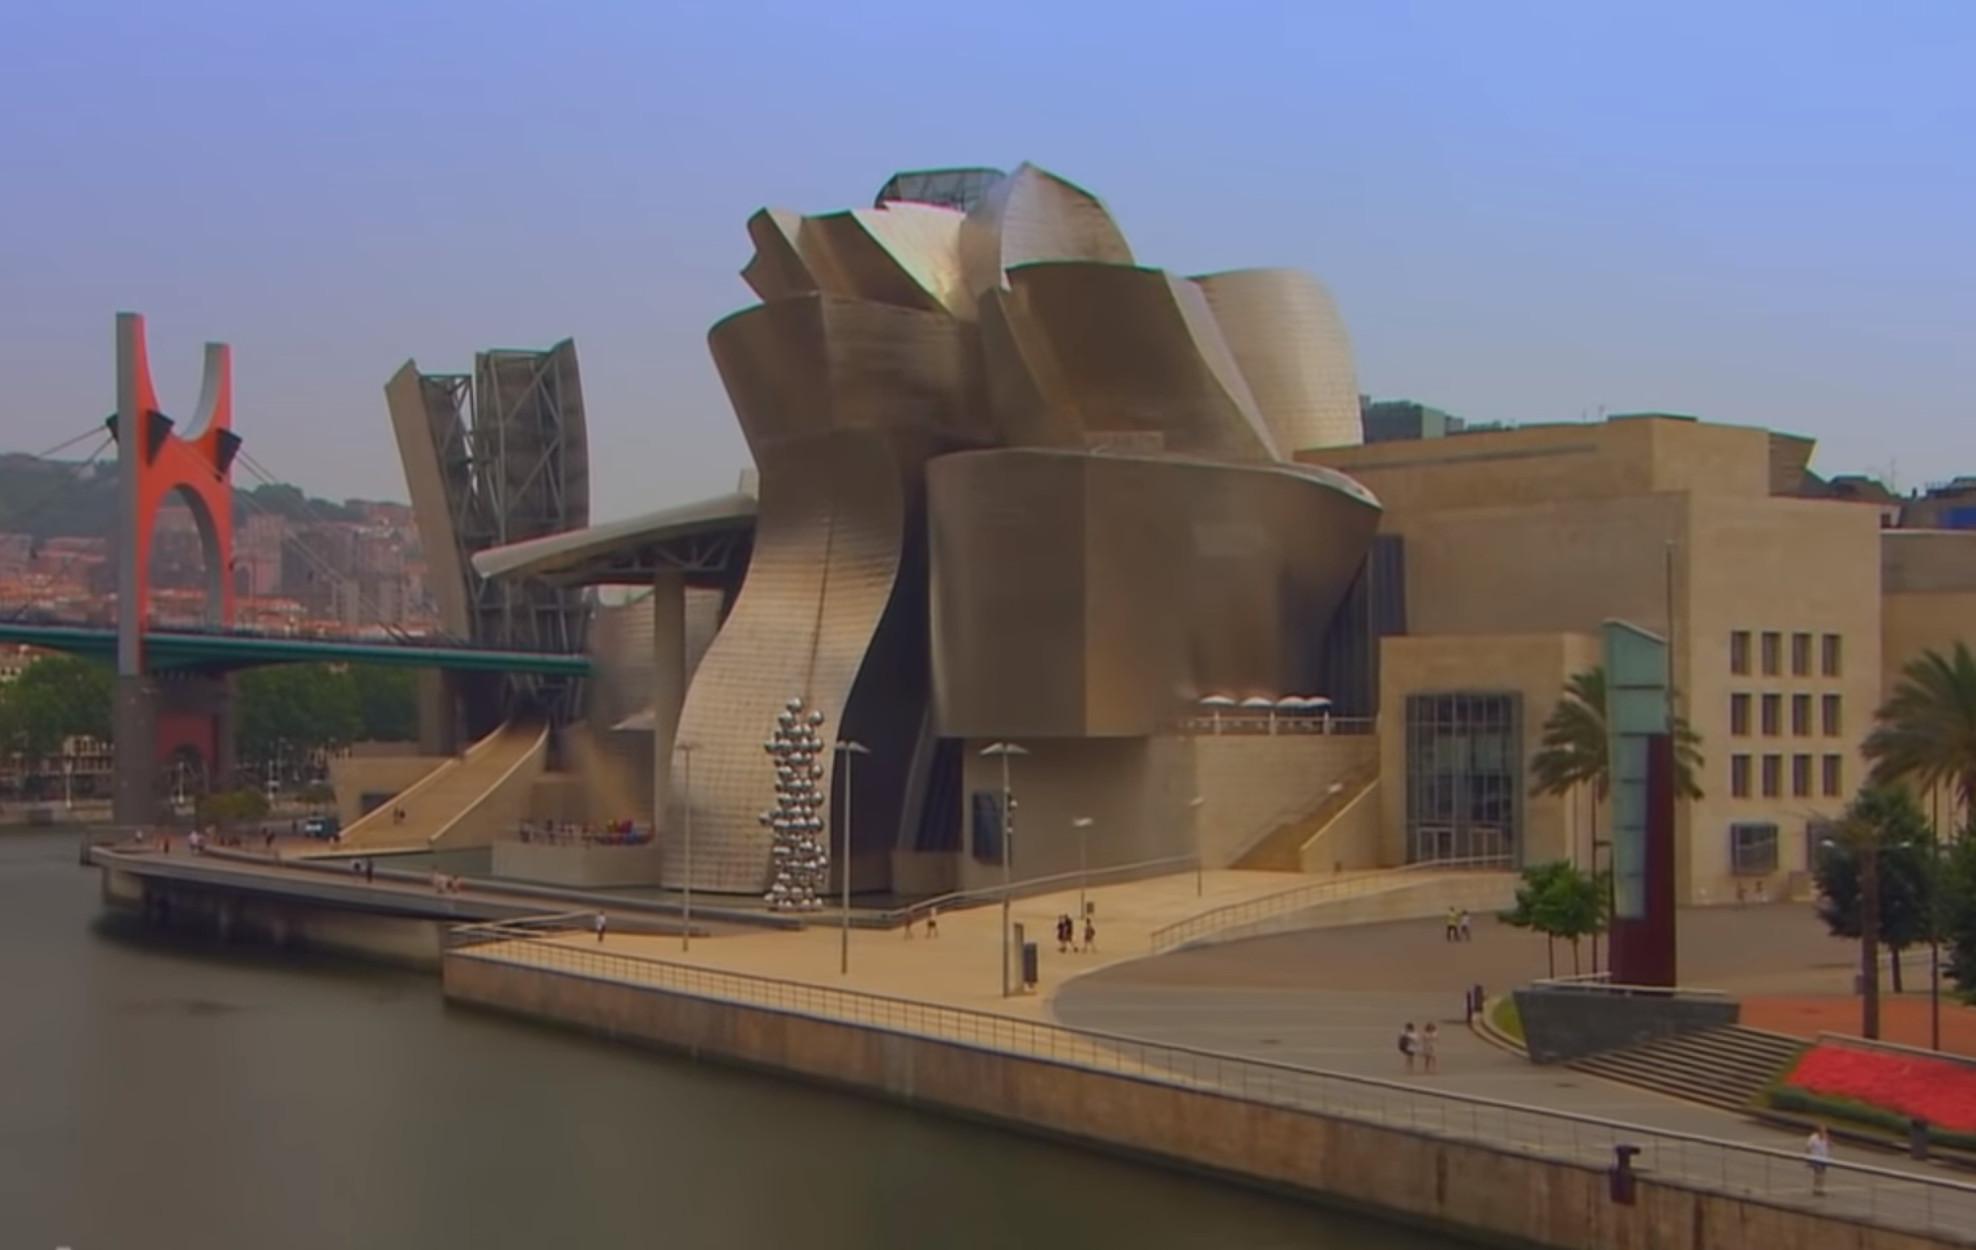 Ισπανία: Ανοίγει ξανά το Γκούγκενχαϊμ, το πρώτο μεγάλο μουσείο μετά την καραντίνα